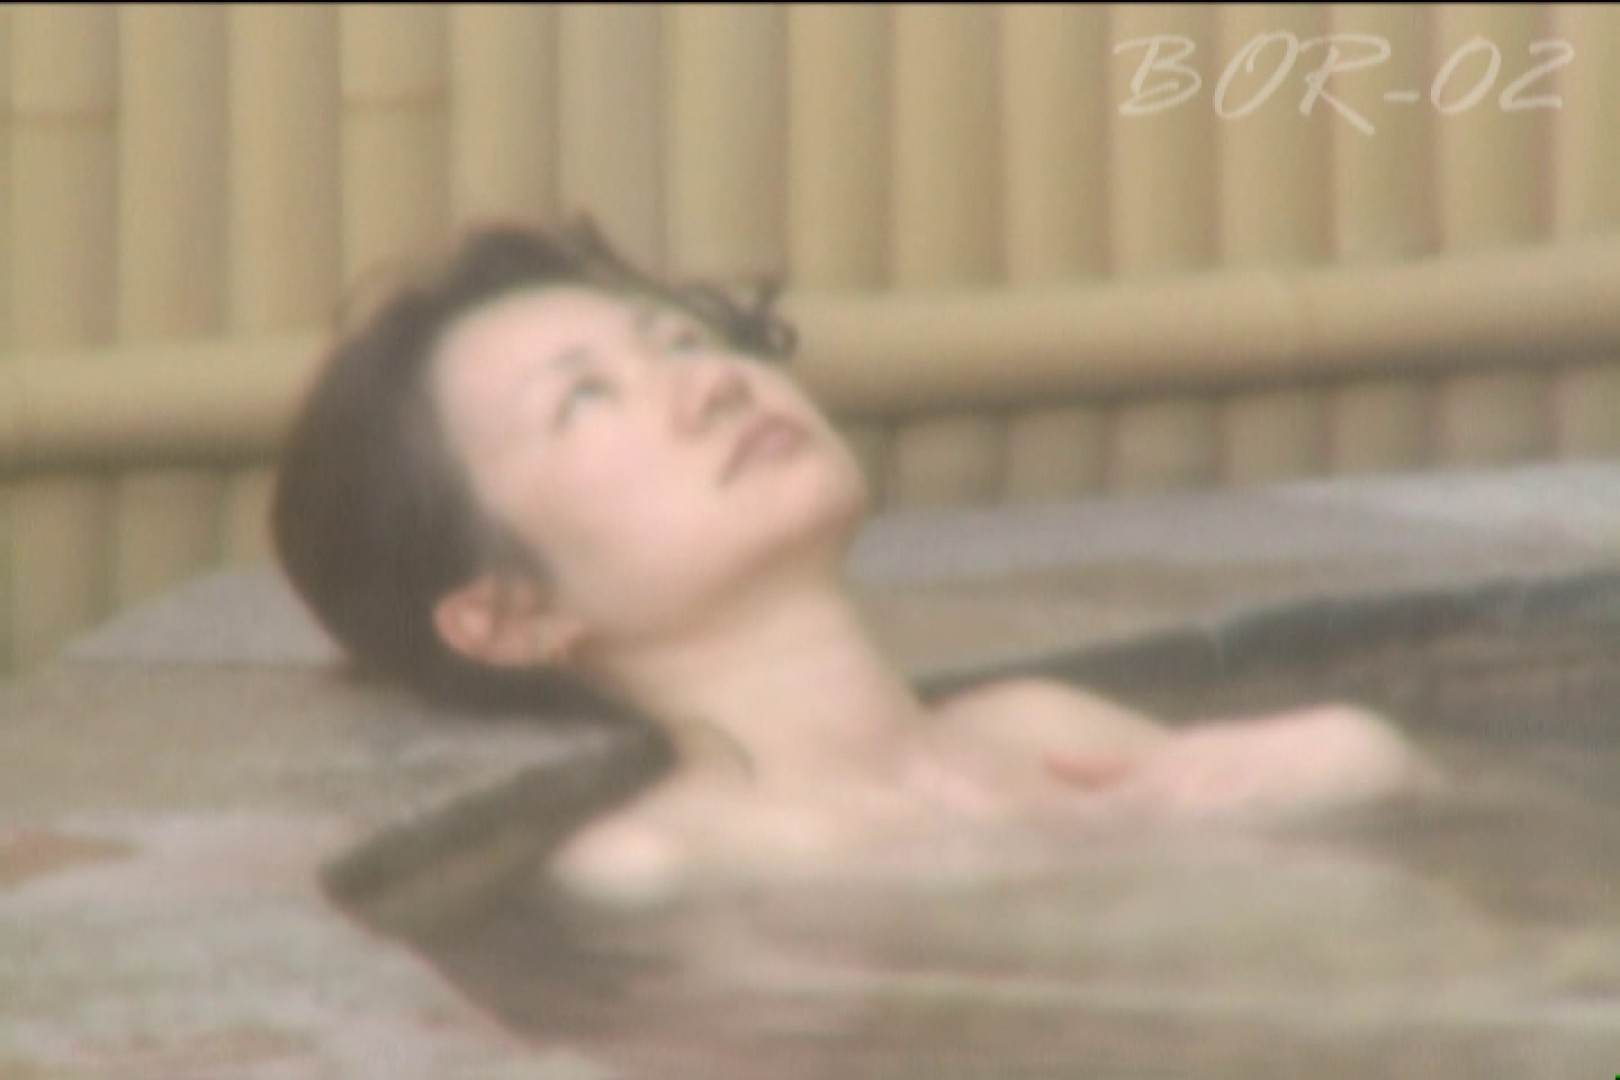 Aquaな露天風呂Vol.477 露天 | 盗撮  86画像 49